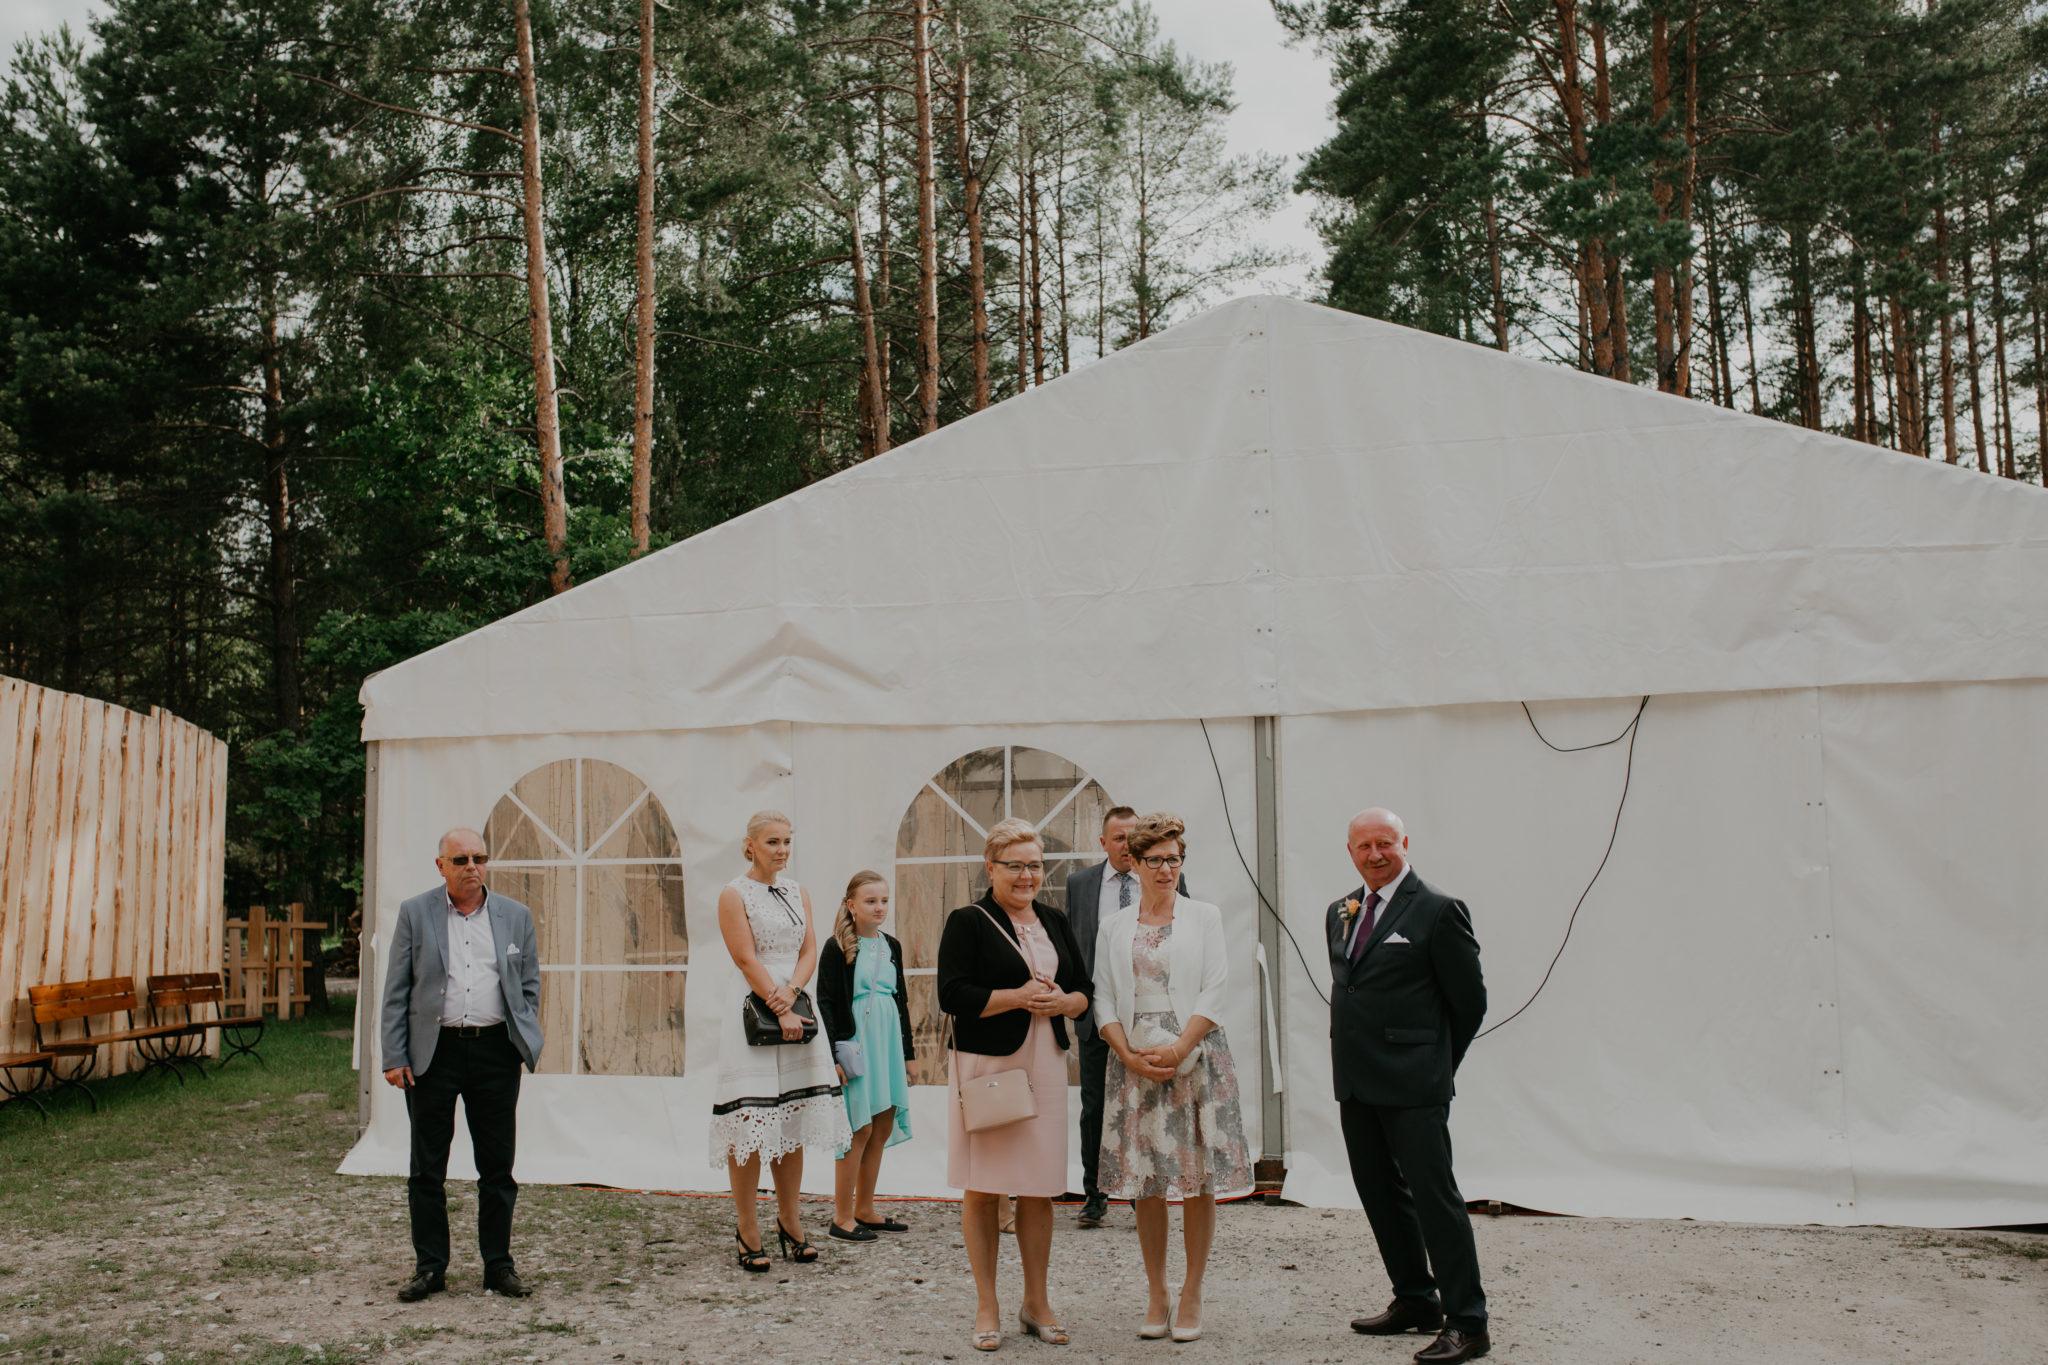 gosia i kuba78 - fotografiagk Fotografia ślubna RK wedding